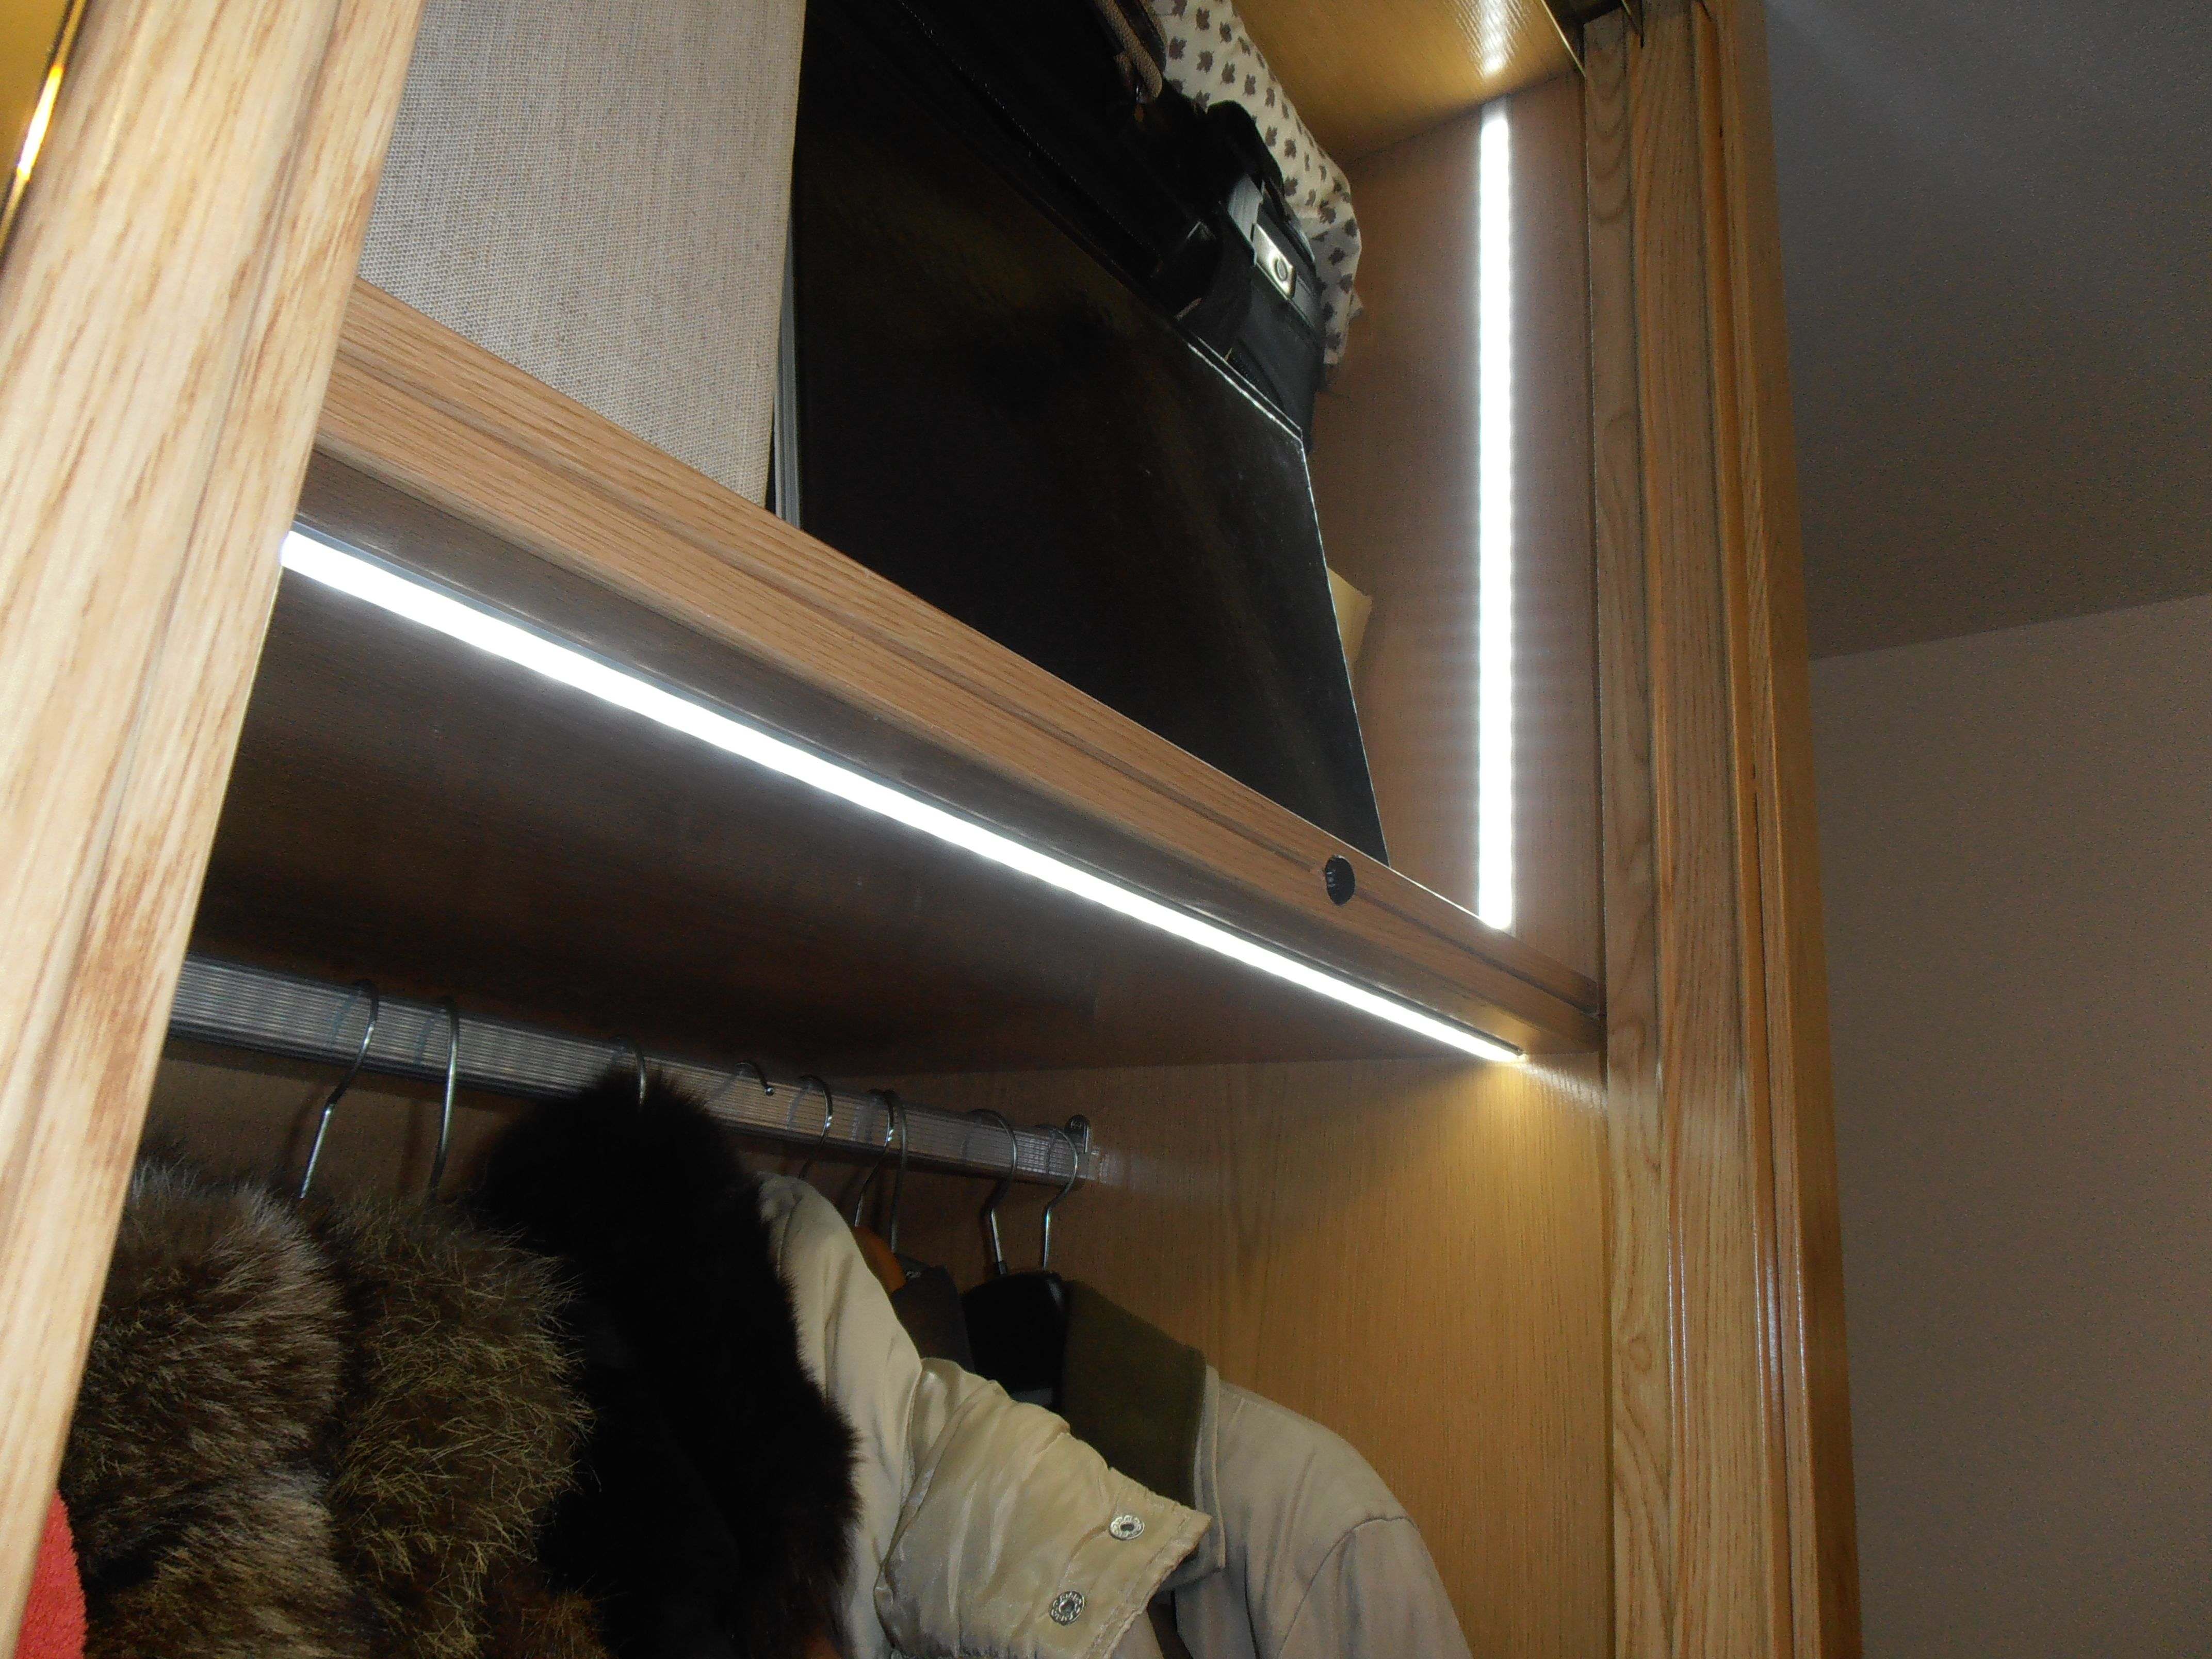 Instalaci n de iluminaci n en armario empotrado mediante - Iluminacion tiras led ...